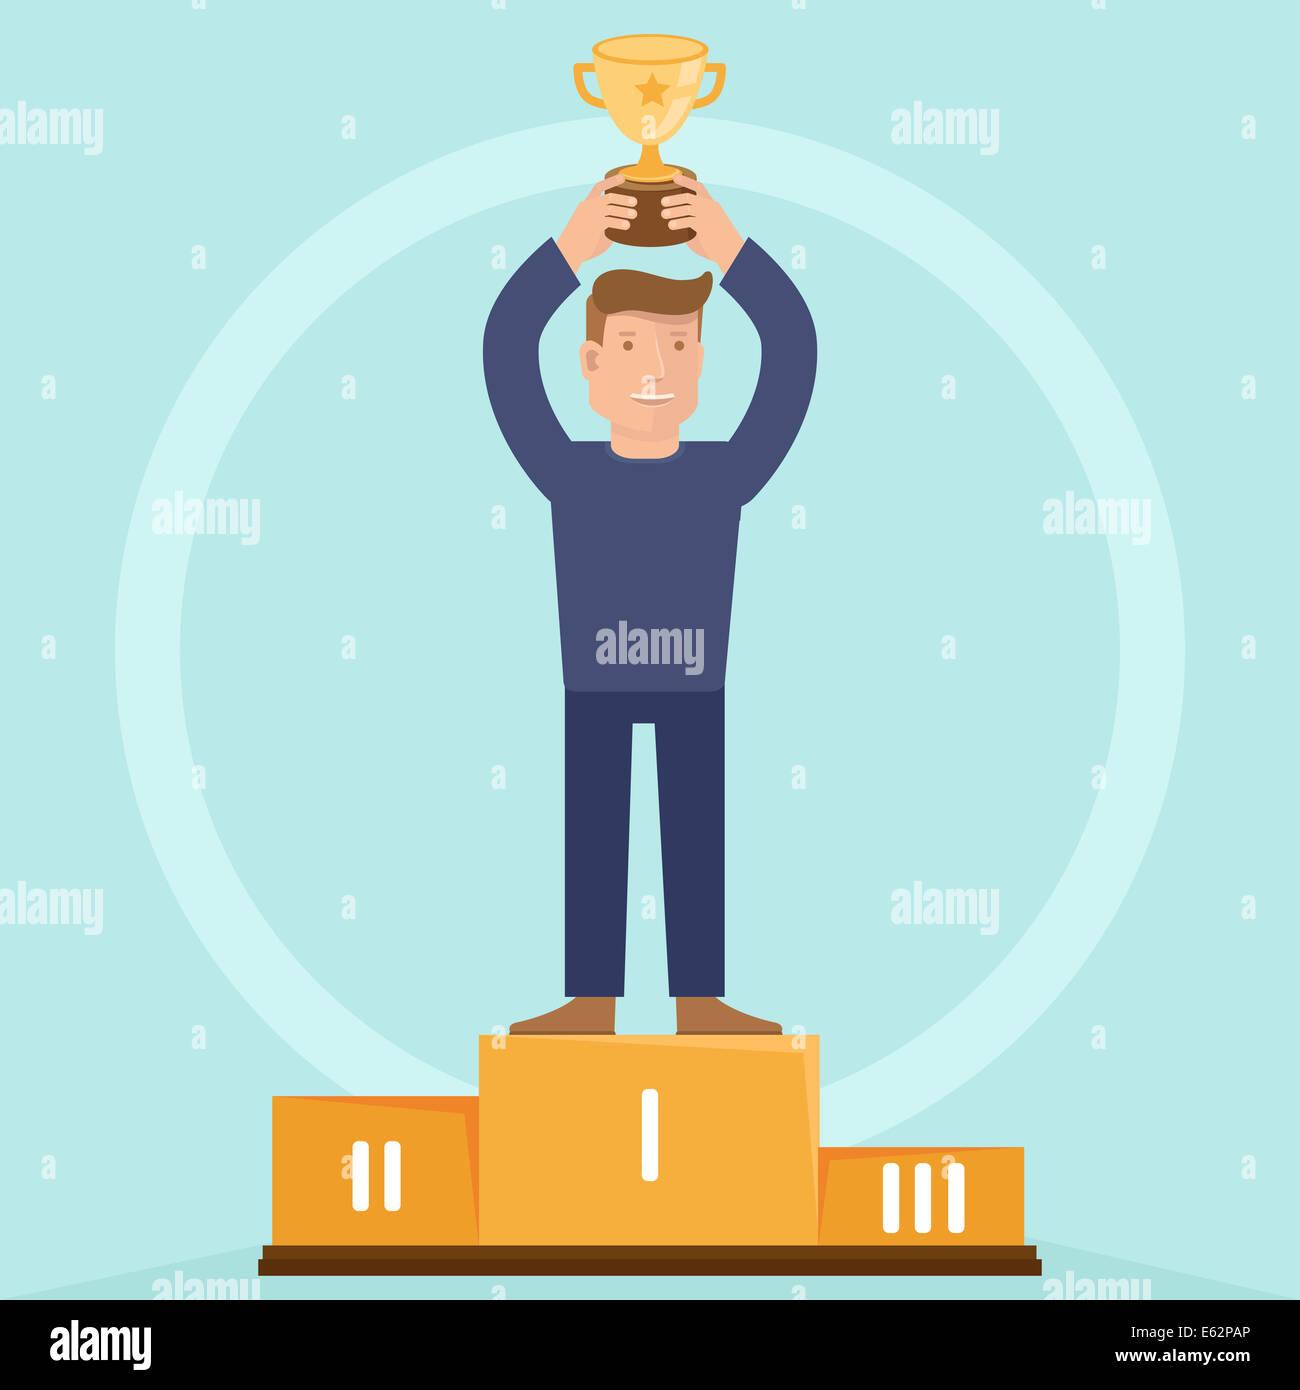 Concetto di vittoria - uomo azienda golden bowl - illustrazione in appartamento in stile retrò Immagini Stock